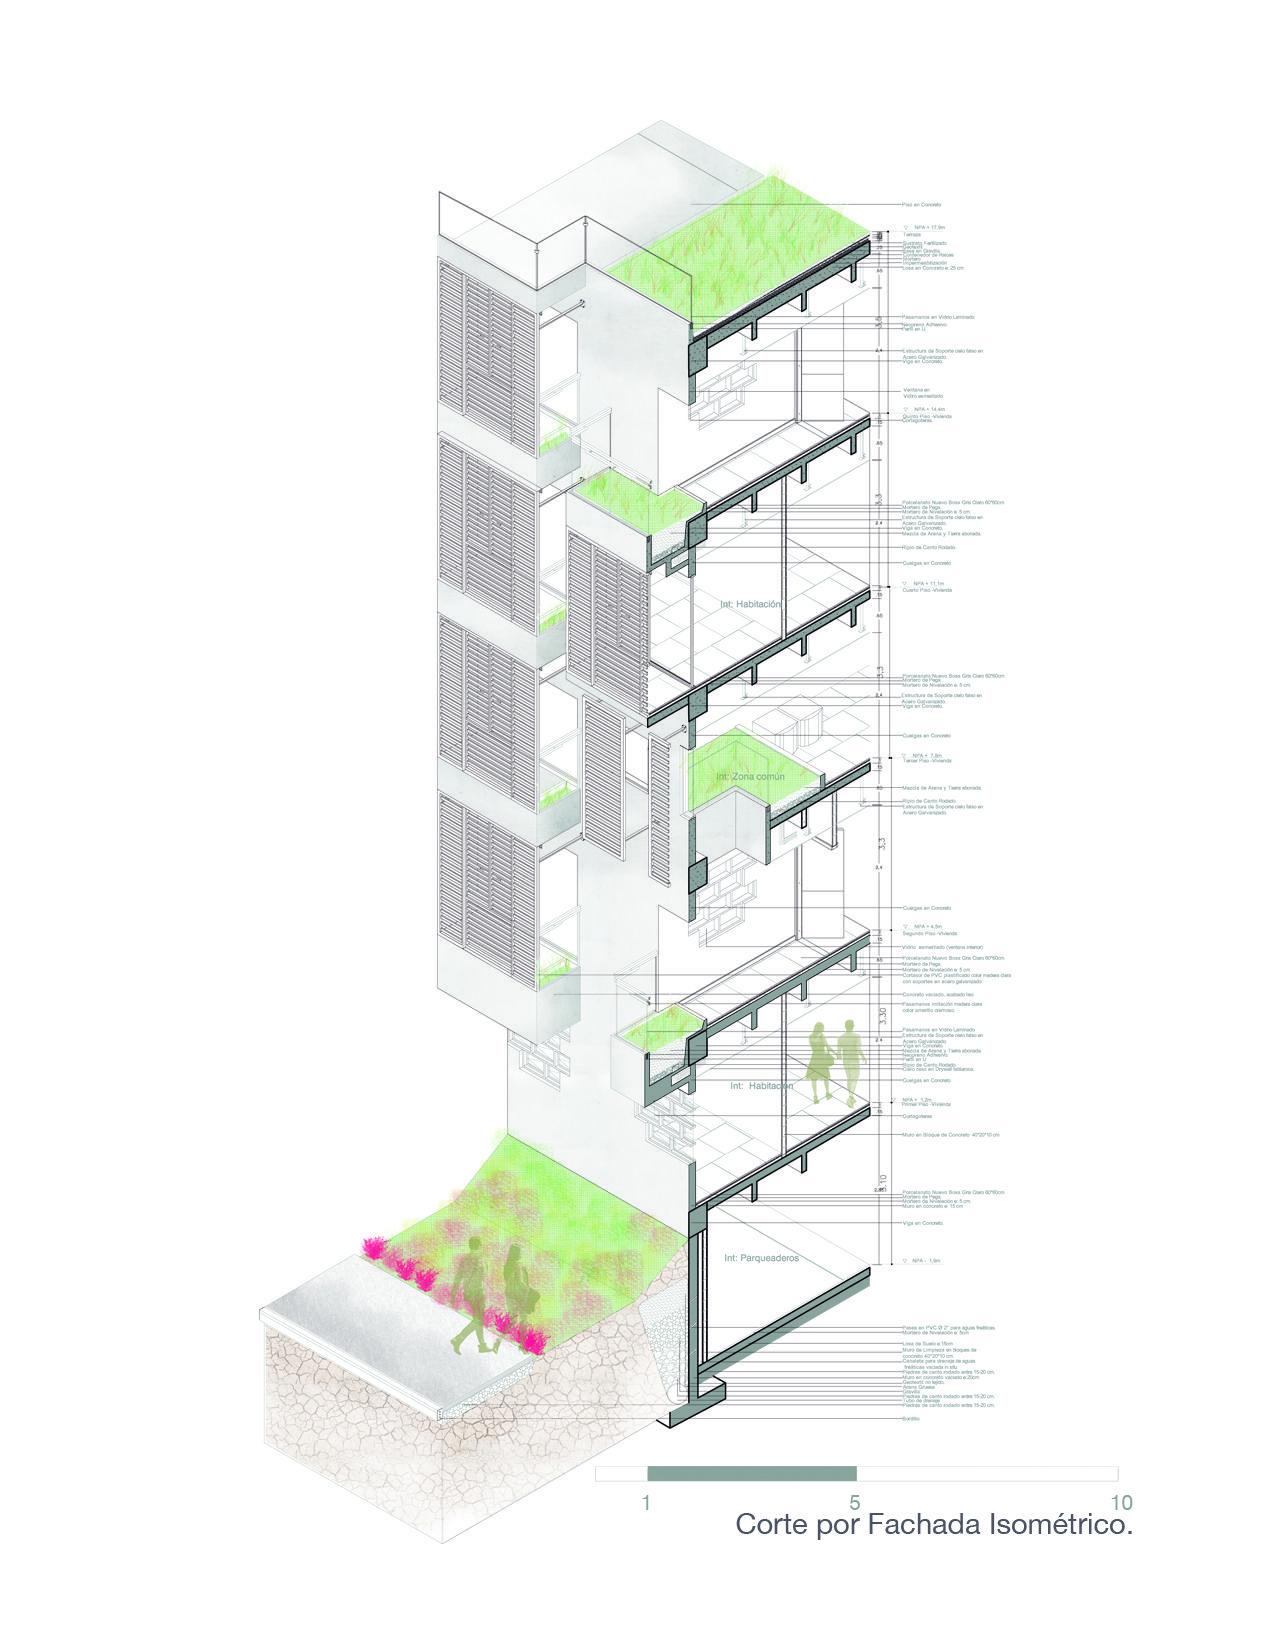 Corte por fachada cortes por fachadas pinterest corte por fachada pooptronica Images